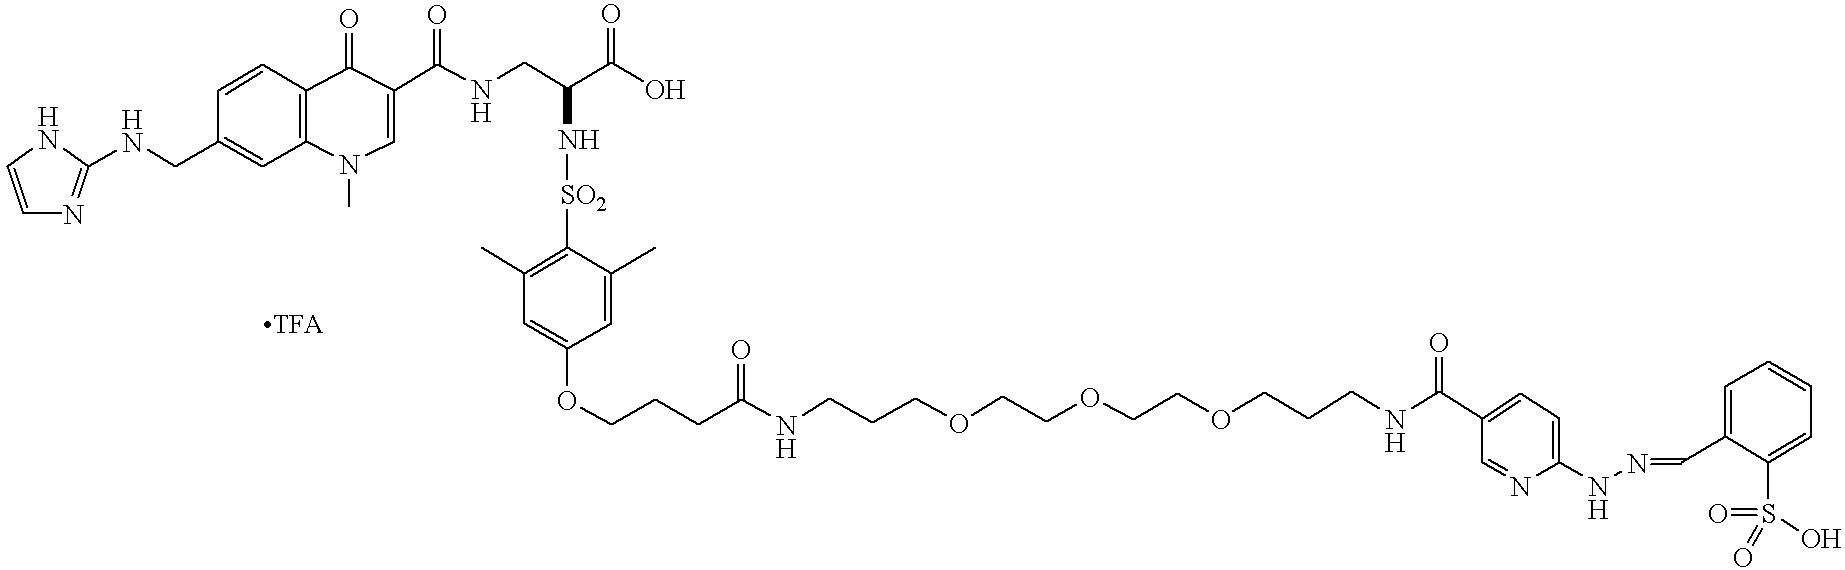 Figure US06683163-20040127-C00058